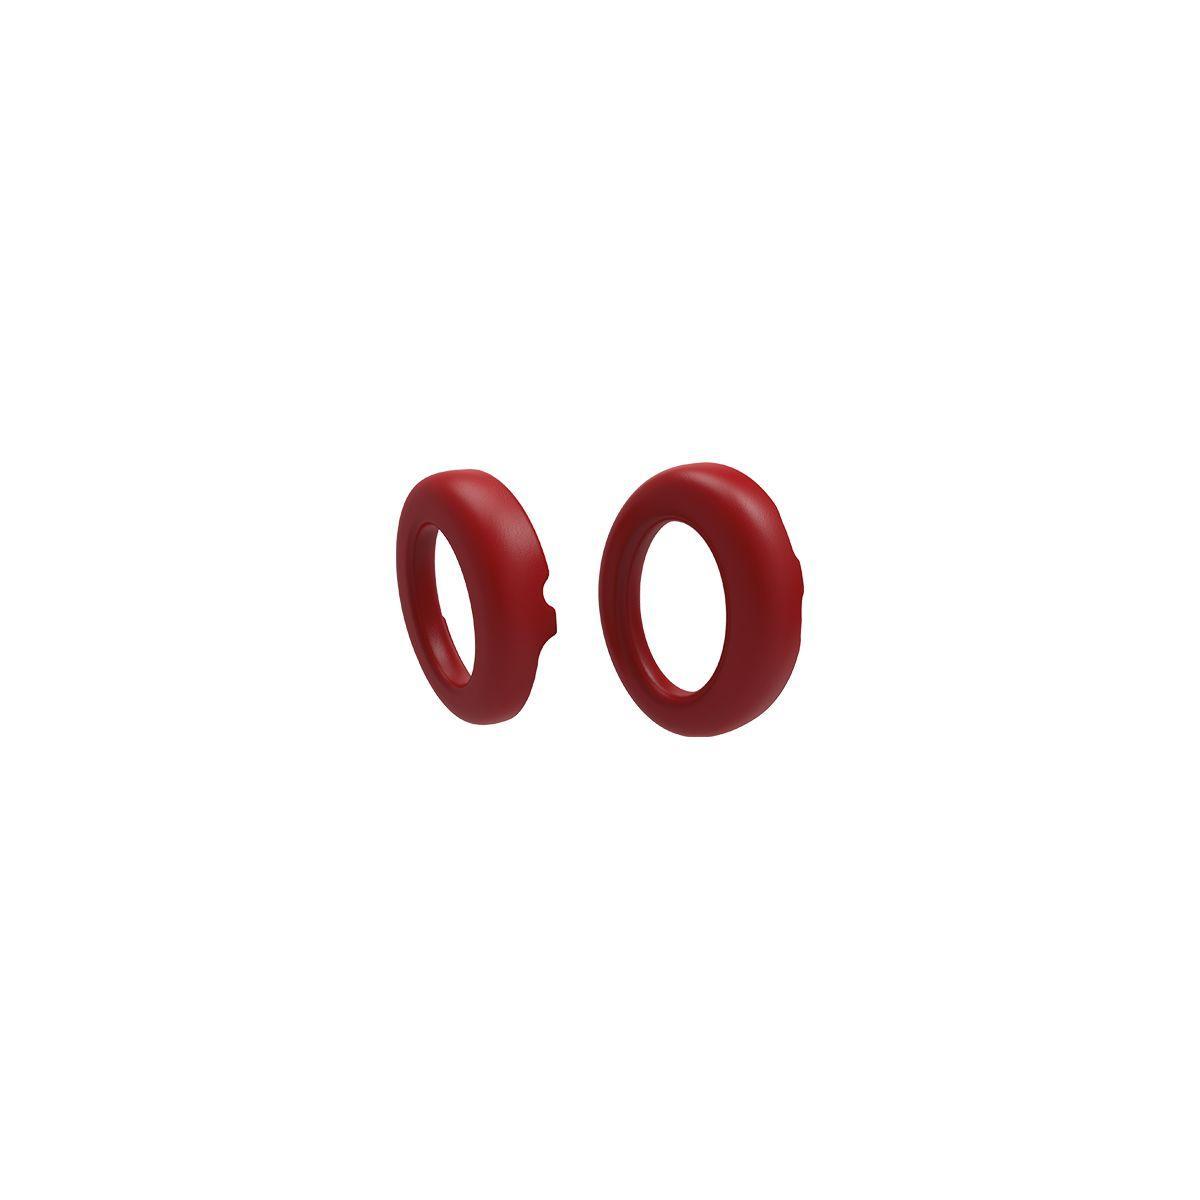 Accessoire parrot coussinets rouge croco x2 zik3 - livraison offerte avec le code livofferte